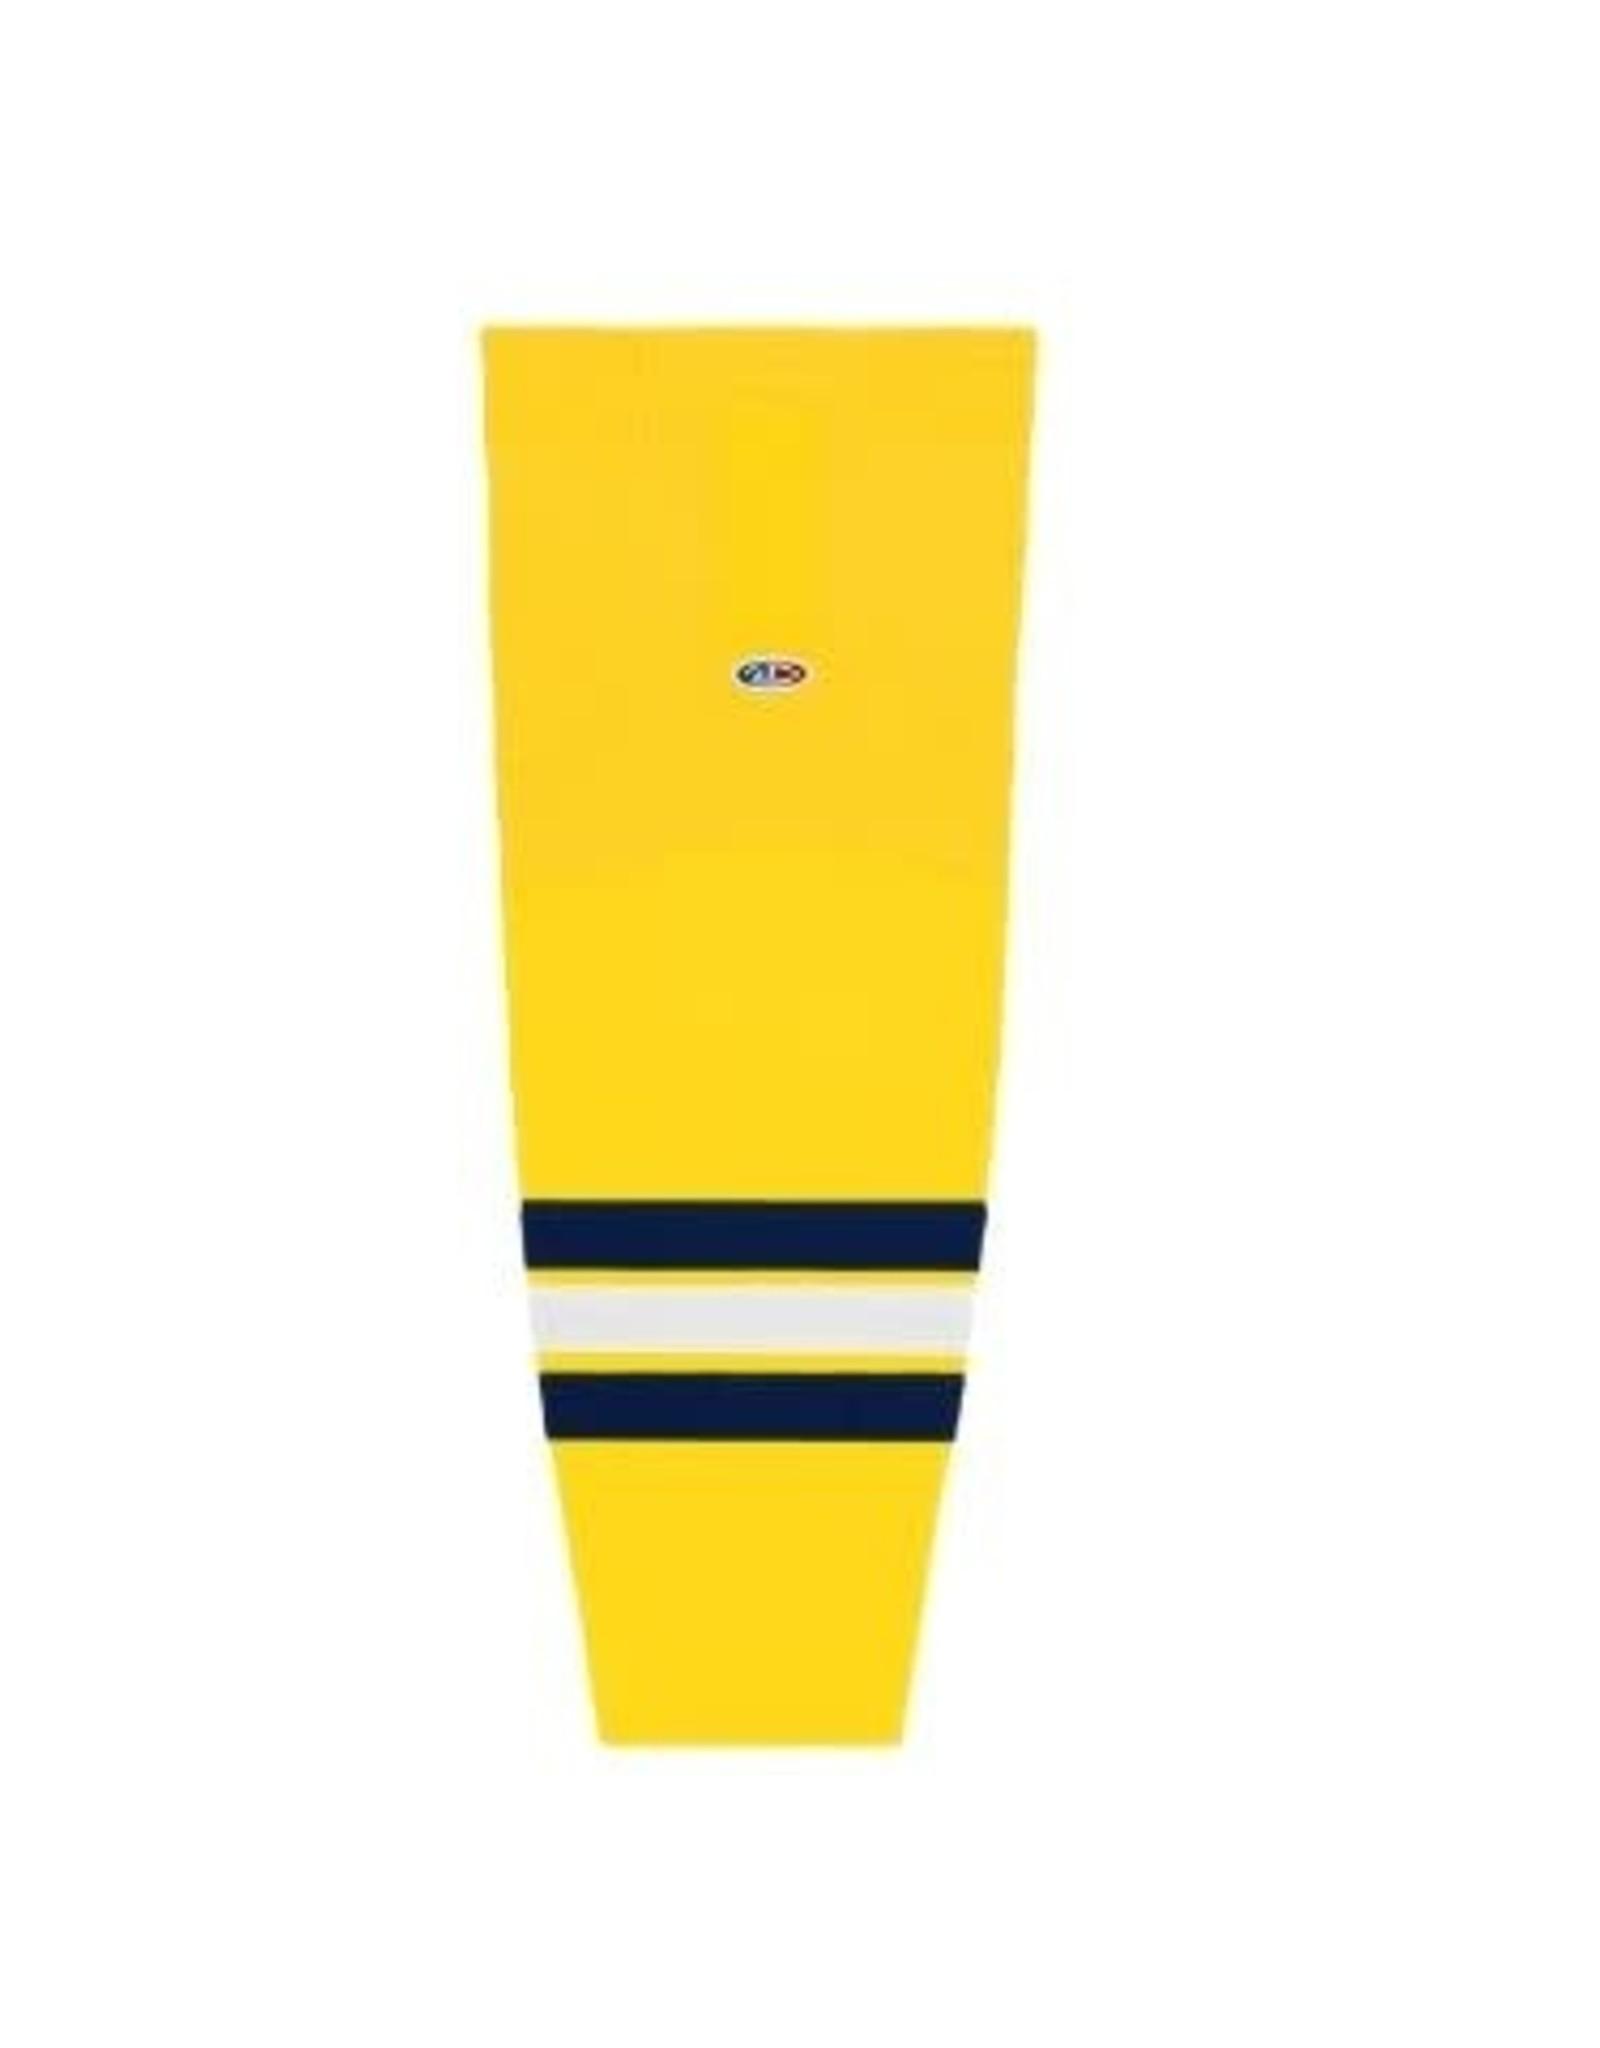 AK Sting AK Game Socks (Yellow) YOUTH